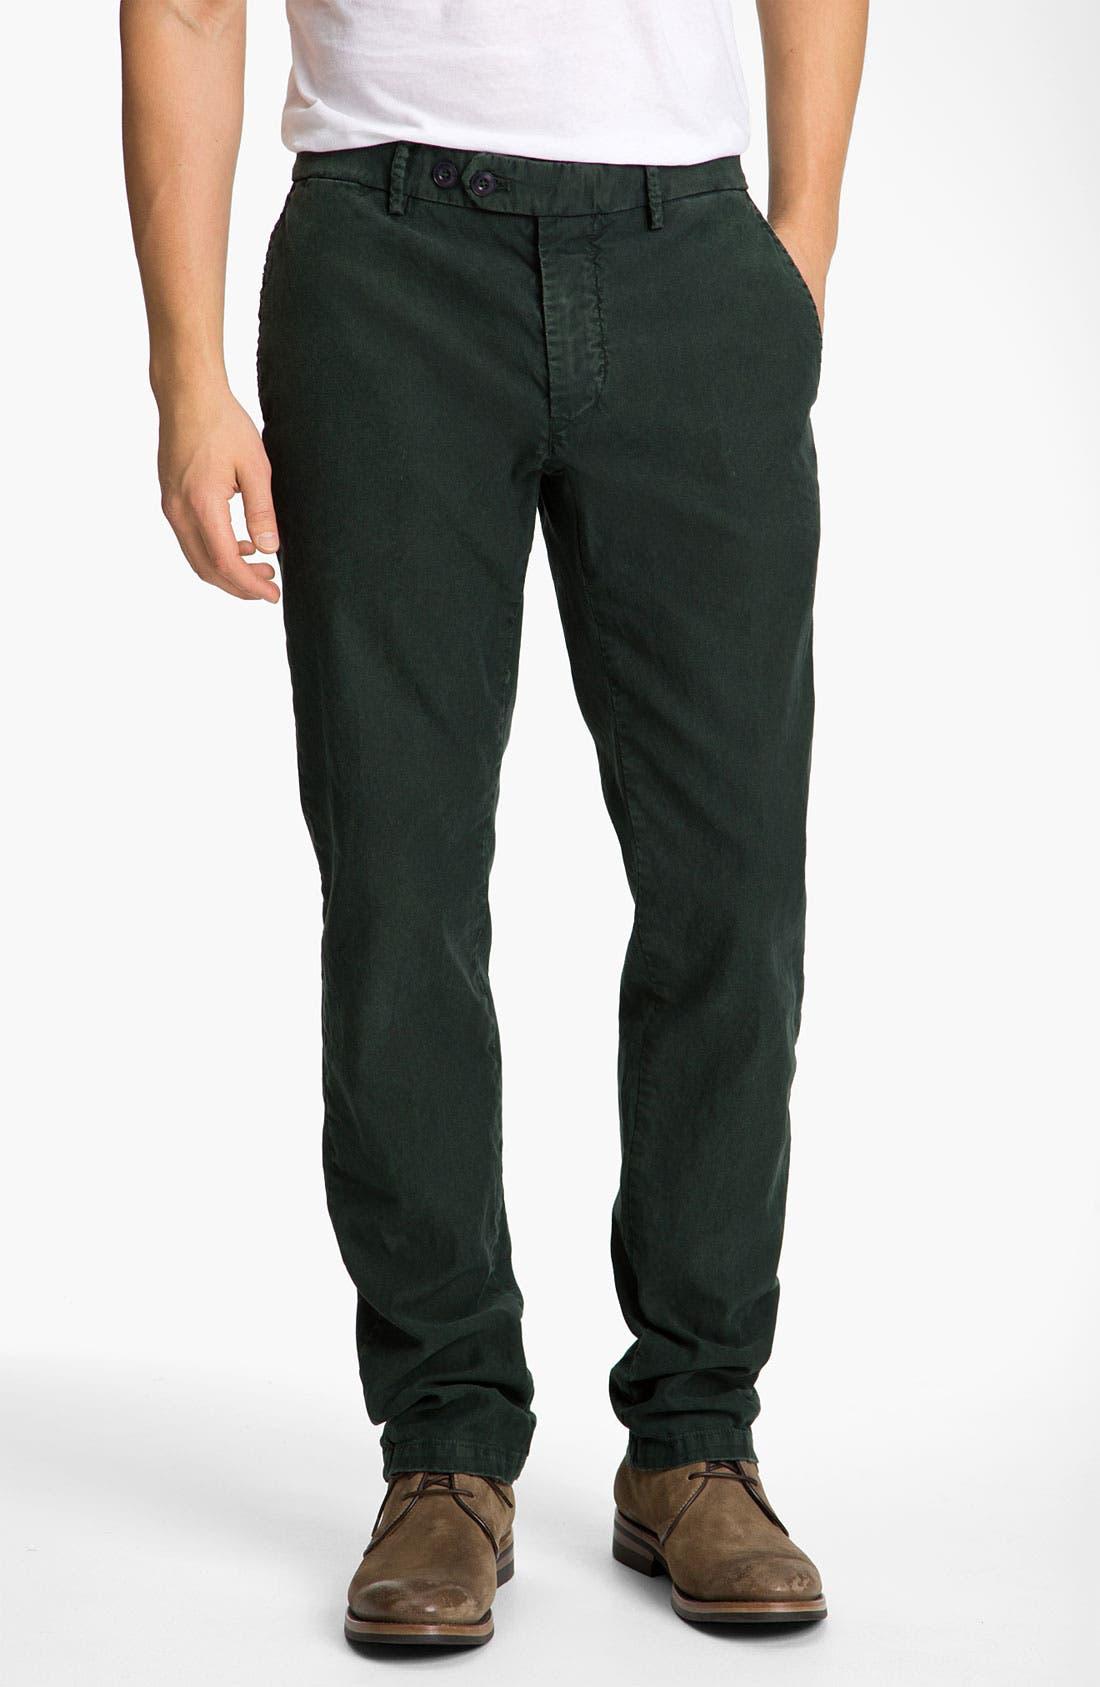 Alternate Image 1 Selected - Mason's Washed Cotton Corduroy Pants